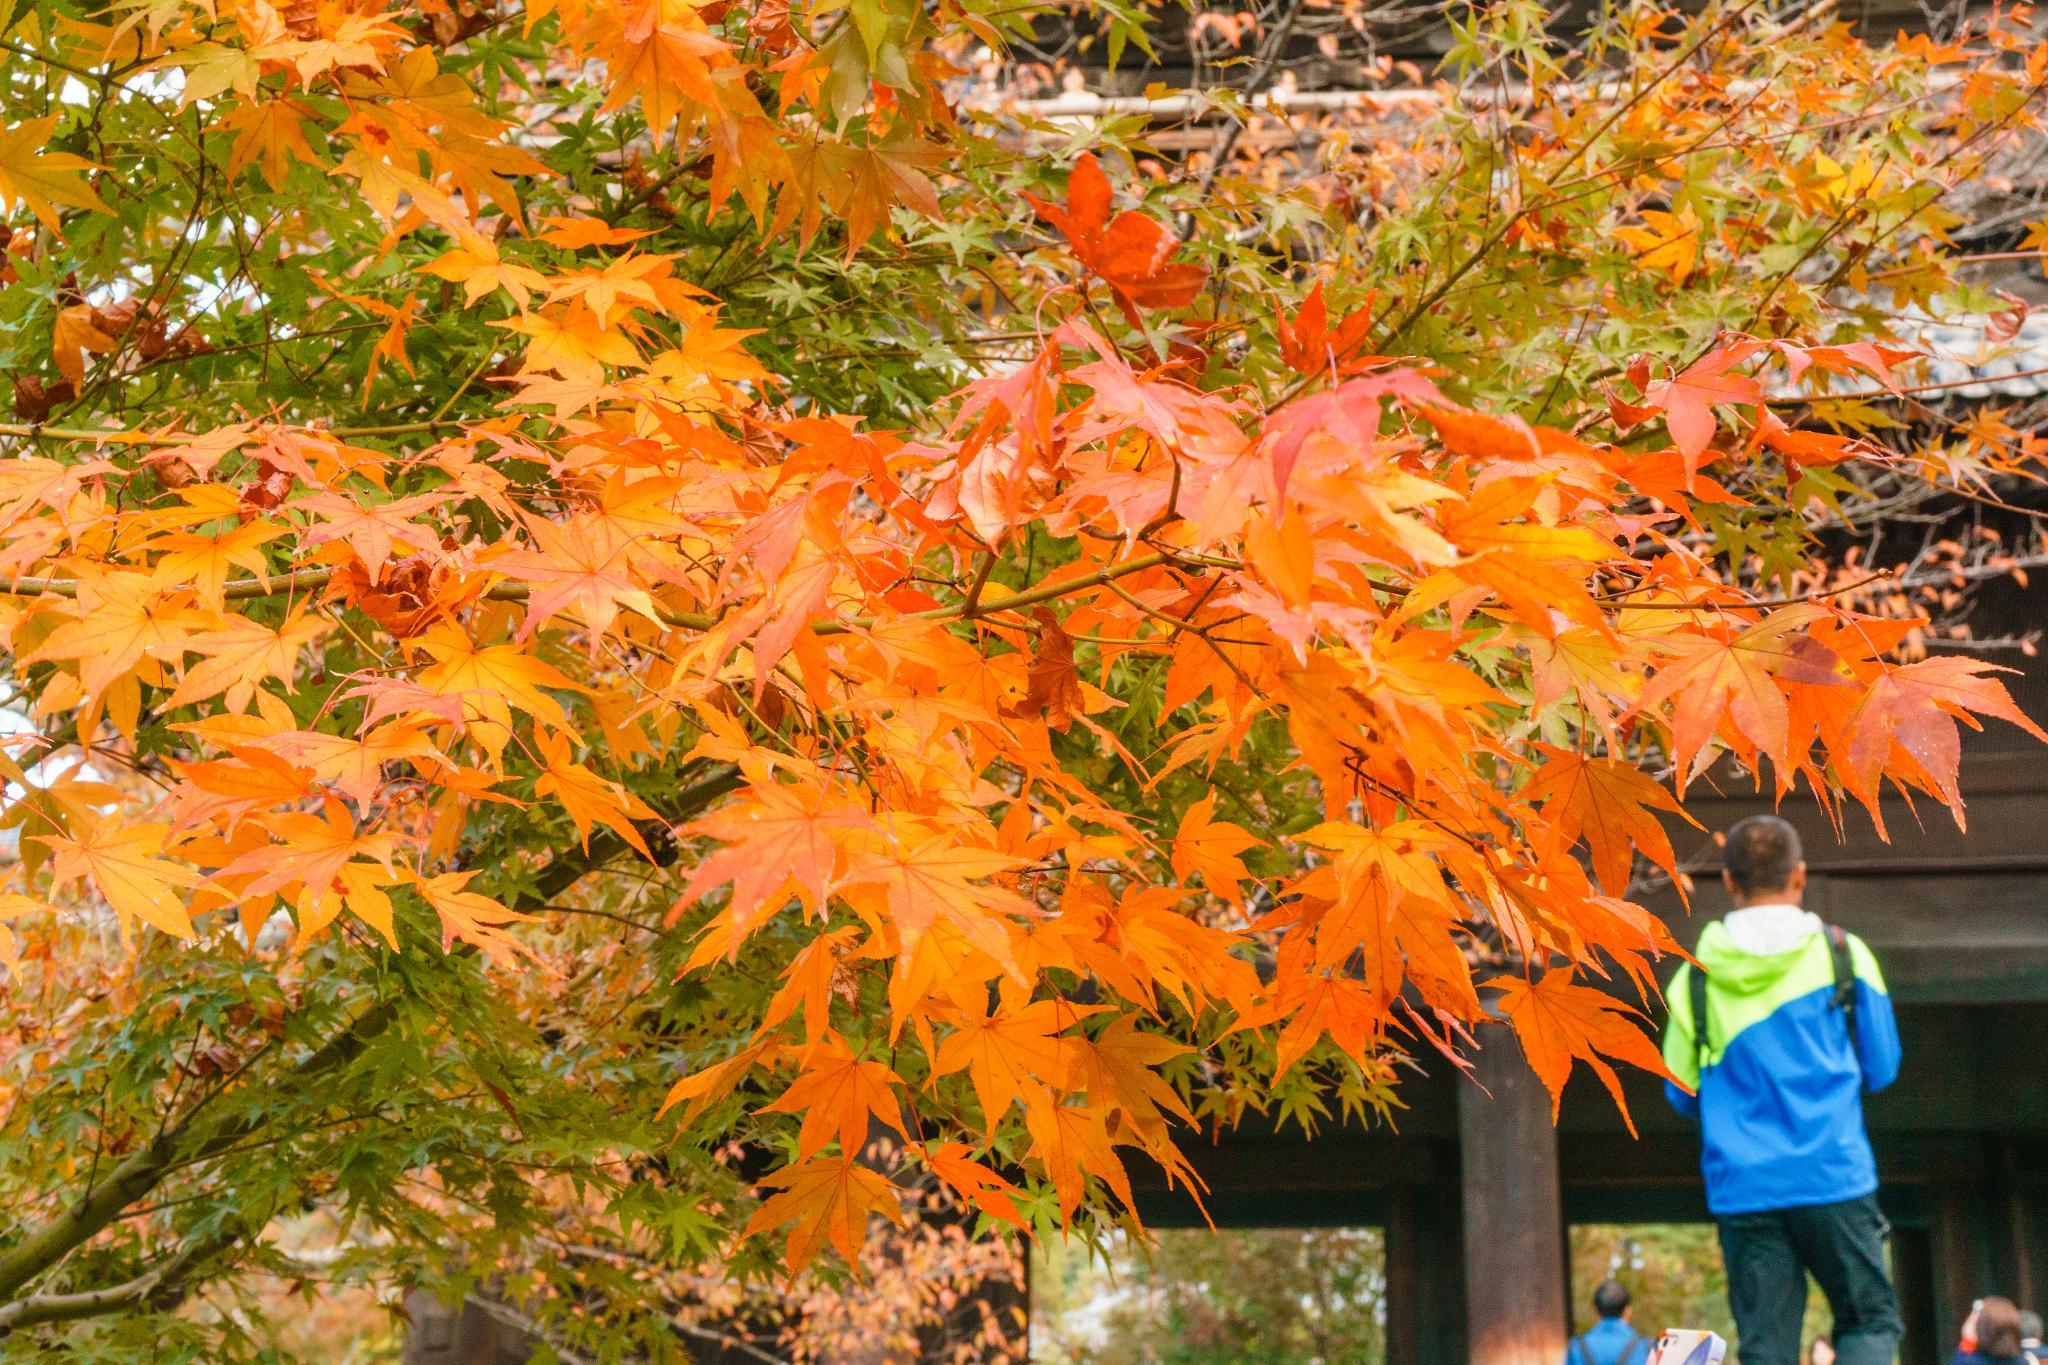 【京都】秋光葉影的古寺散策 - 南禪寺 90